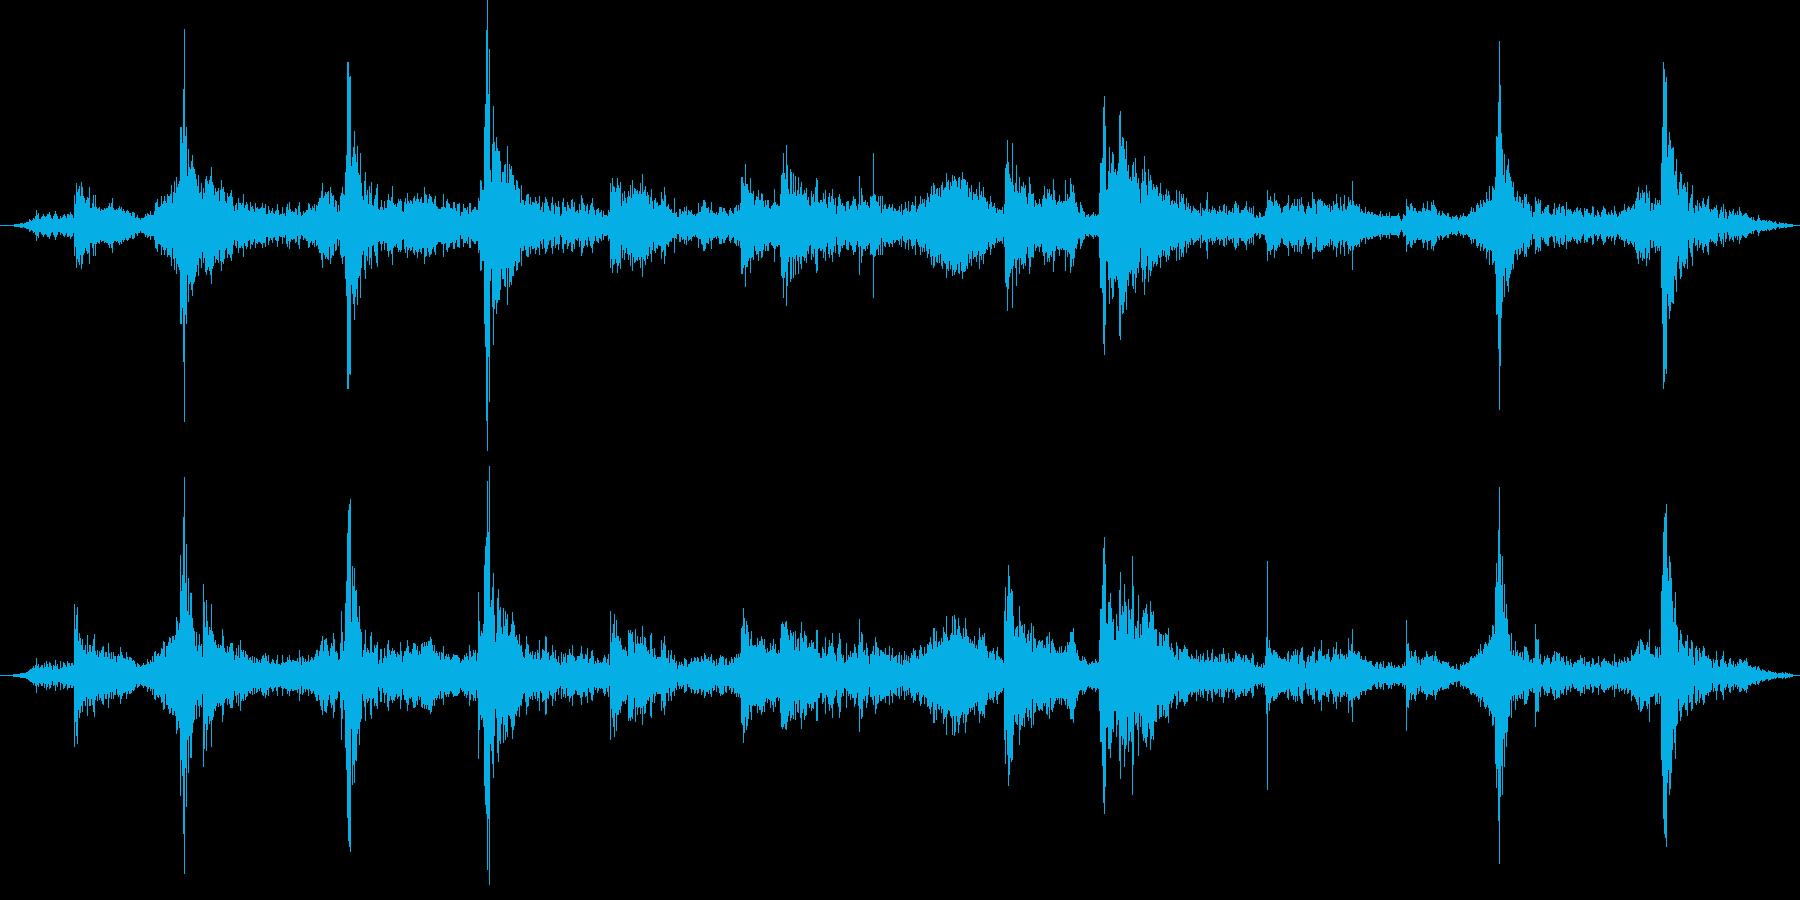 潜水艦:Int:ディープミュートヒ...の再生済みの波形